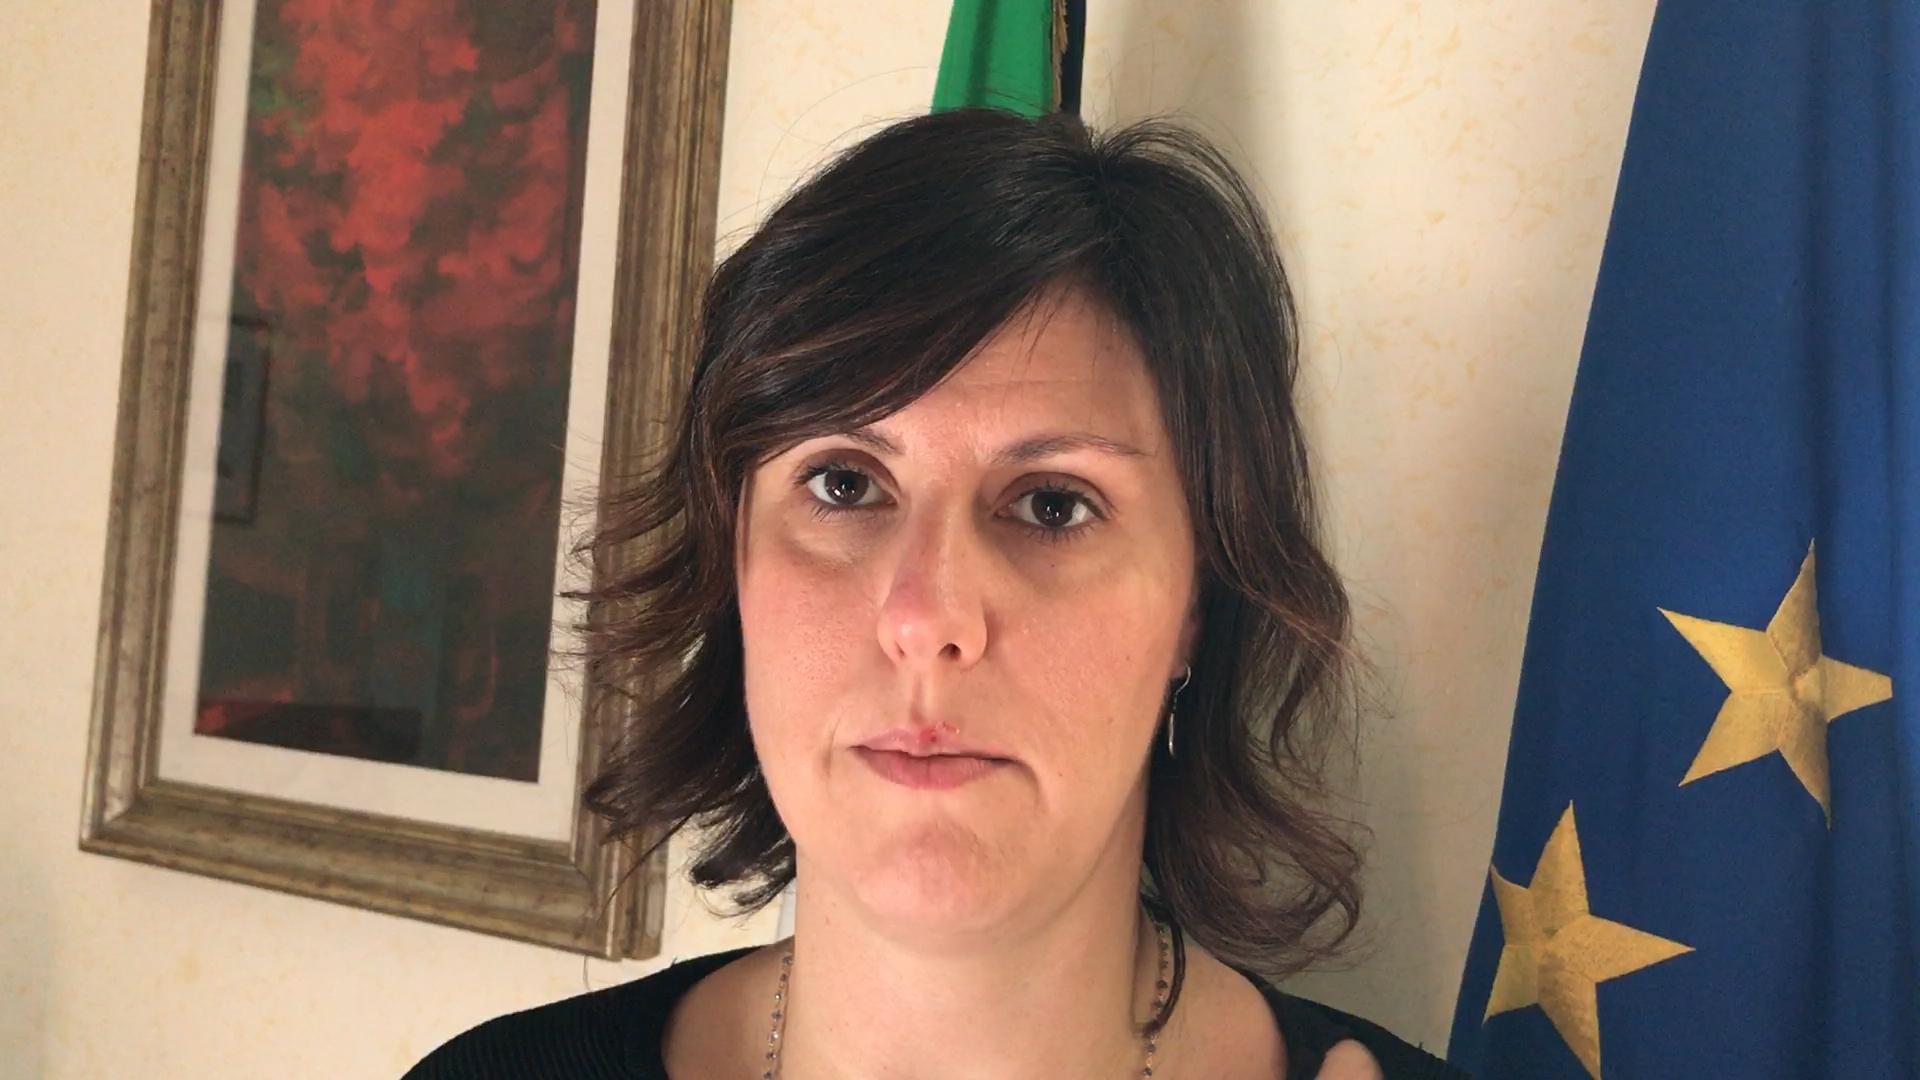 COMMISSIONE ECOMAFIE, PARLA LA NEO-PRESIDENTE, CHIARA BRAGA